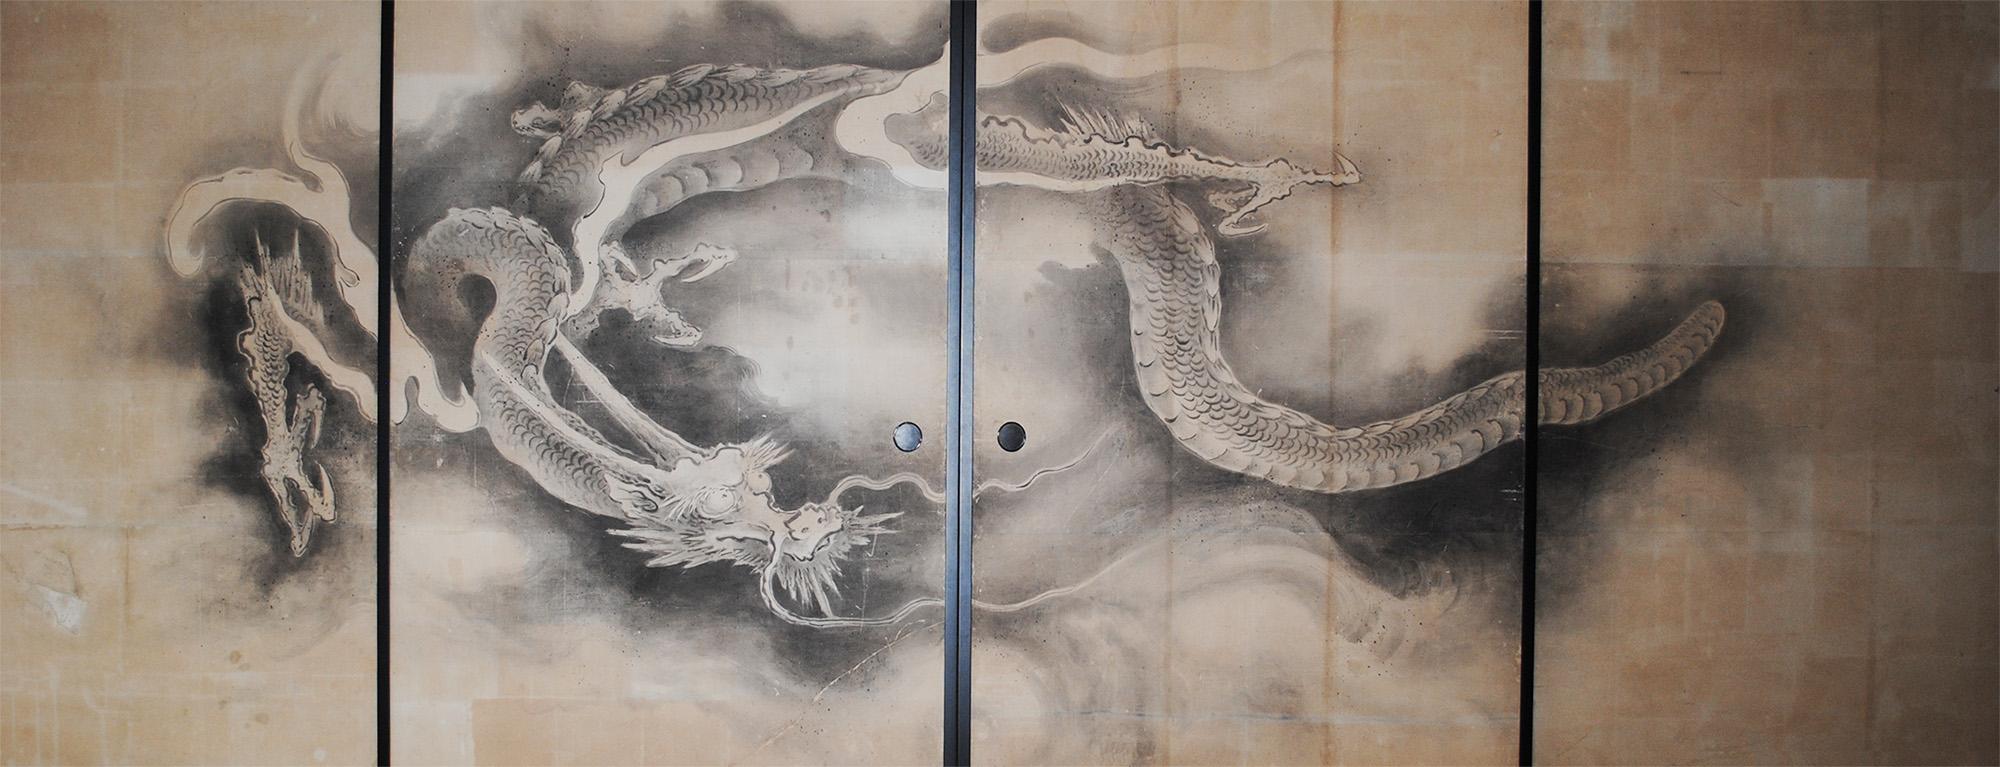 雲龍図襖絵1